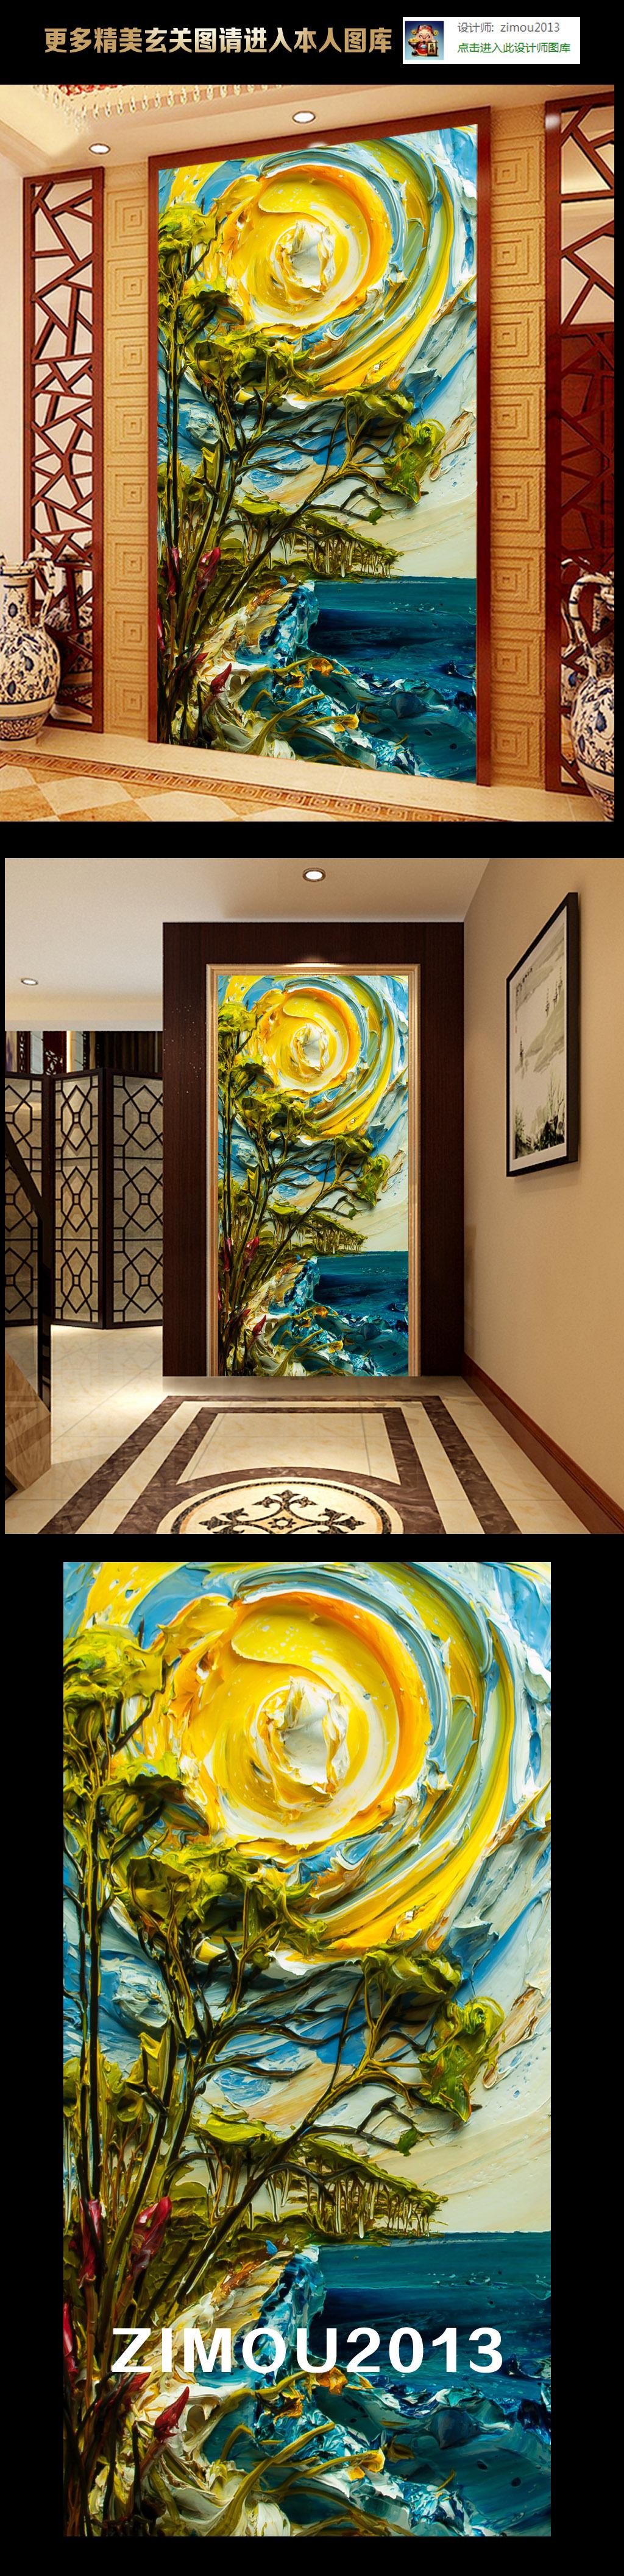 海滩风情风景画手绘水彩立体油画玄关壁画